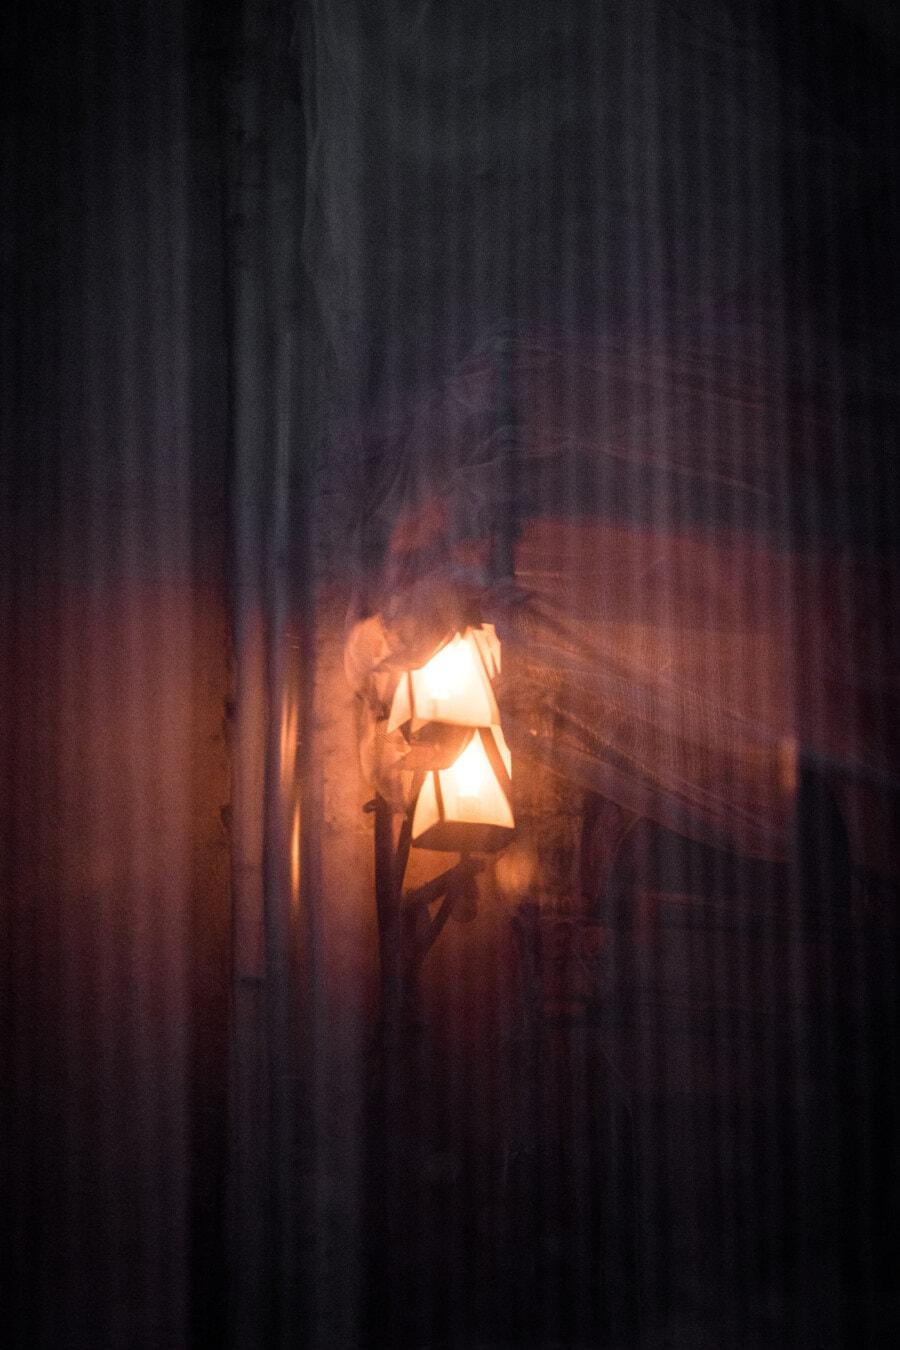 lampe, rue, fenêtre, réflexion, sombre, illuminé, Spotlight, lumière, retro, brillant